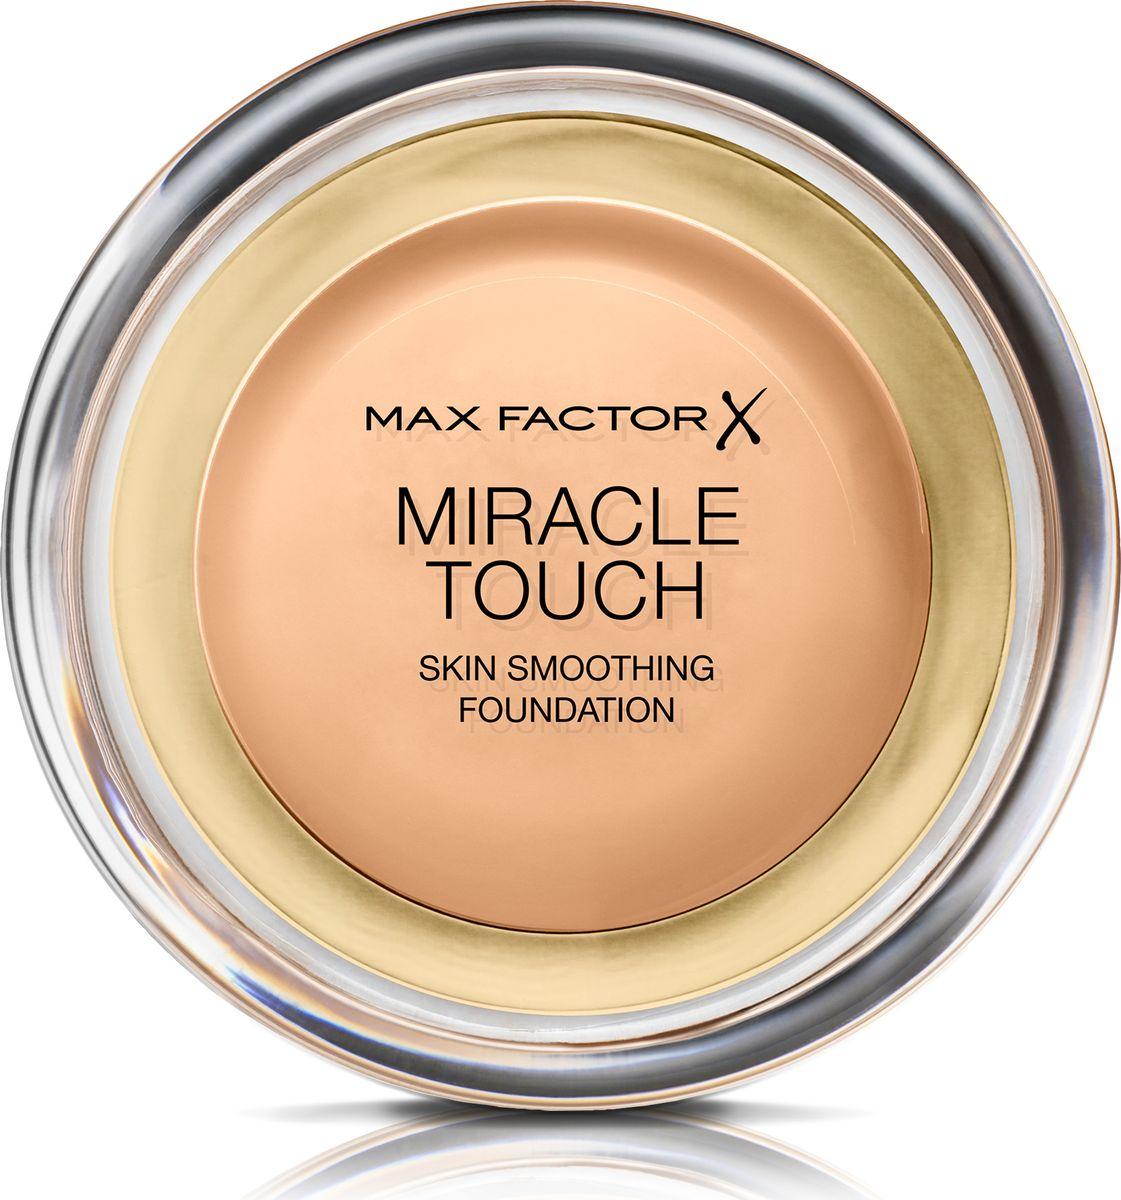 Max Factor Тональная Основа Miracle Touch Тон 75 golden 11,5 гр81063Уникальная универсальная тональная основа MaxFactorMiracleTouch обладает кремообразной формулой, благодаря которой превосходно подготовить кожу для макияжа очень легко. Всего один слой без необходимости нанесения консилера или пудры. Легкая твердая тональная основа тает в руках и гладко наносится на кожу, создавая идеальное, безупречно блестящее и равномерное покрытие, не слишком прозрачное и не слишком плотное. В результате кожа выглядит свежей, необычайно ровной и приобретает сияние. Чтобы создать безупречное покрытие, можно нанести всего один легкий слой тональной основы или же сделать покрытие более плотным благодаря специальной формуле. Тональная основа подходит для всех типов кожи, включая чувствительную кожу, и не вызывает угревой сыпи, так как не закупоривает поры. Спонж в комплекте для простого и аккуратного нанесения где угодно. Идеальное покрытие в один слой- консилер и пудра не нужны. Умеренное или плотное покрытие благодаря специальной формуле. Не вызывает угревую сыпь и не закупоривает поры. Дерматологически протестировано, подходит для чувствительной кожи.Удобная компактная форма, которую легко держать в руках, со спонжем для быстрого и простого нанесения. Идеальный оттенок должен соответствовать тону кожи на линии подбородка. Для получения наиболее профессионального результата с помощью спонжа, входящего в комплект, нанеси тональную основу MiracleTouchLiquidIllusion и распредели ее от центра лица к краям. Чтобы скрыть темные круги и недостатки кожи, наноси основу краем спонжа. Всегда наноси продукт при ярком дневном освещении.